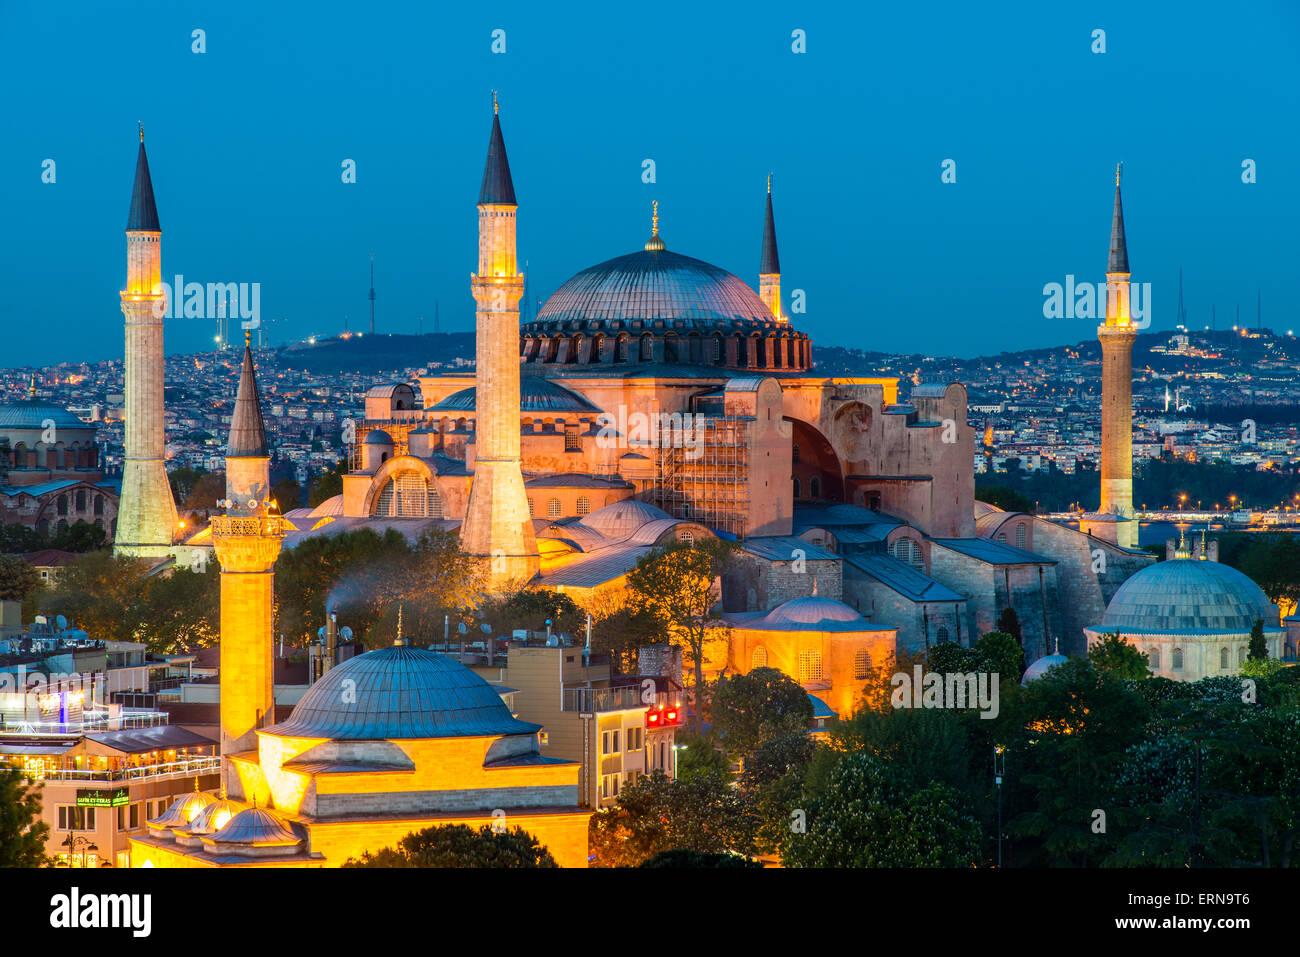 Vista superior de la noche más de Hagia Sophia, Sultanahmet, Estambul, Turquía Imagen De Stock